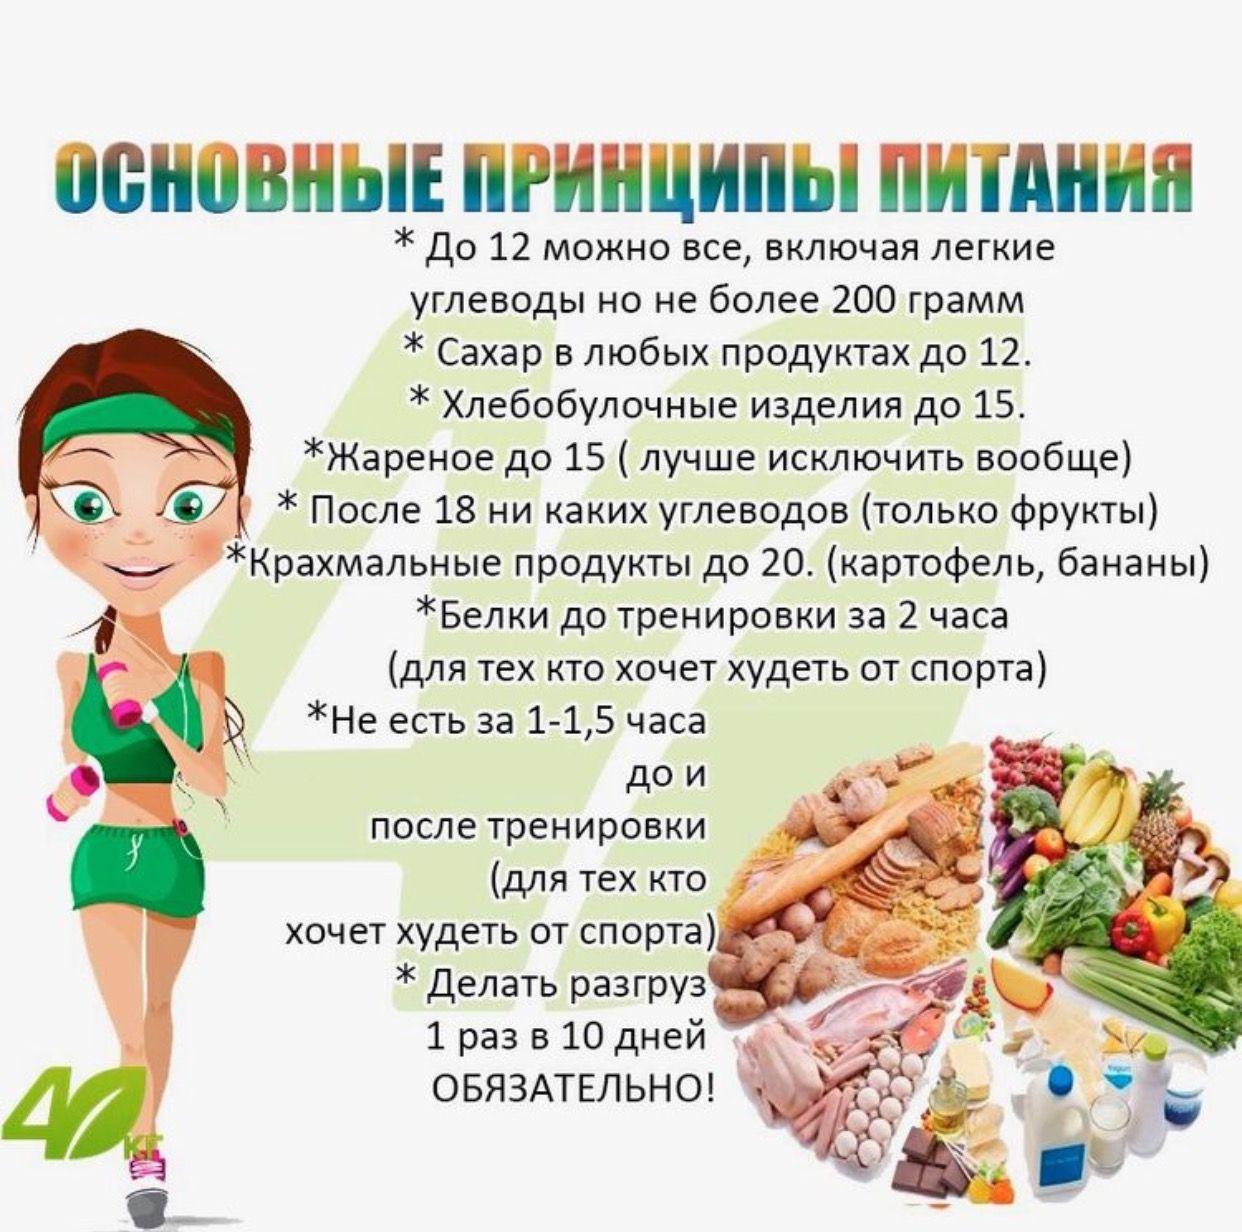 Список диет в картинках